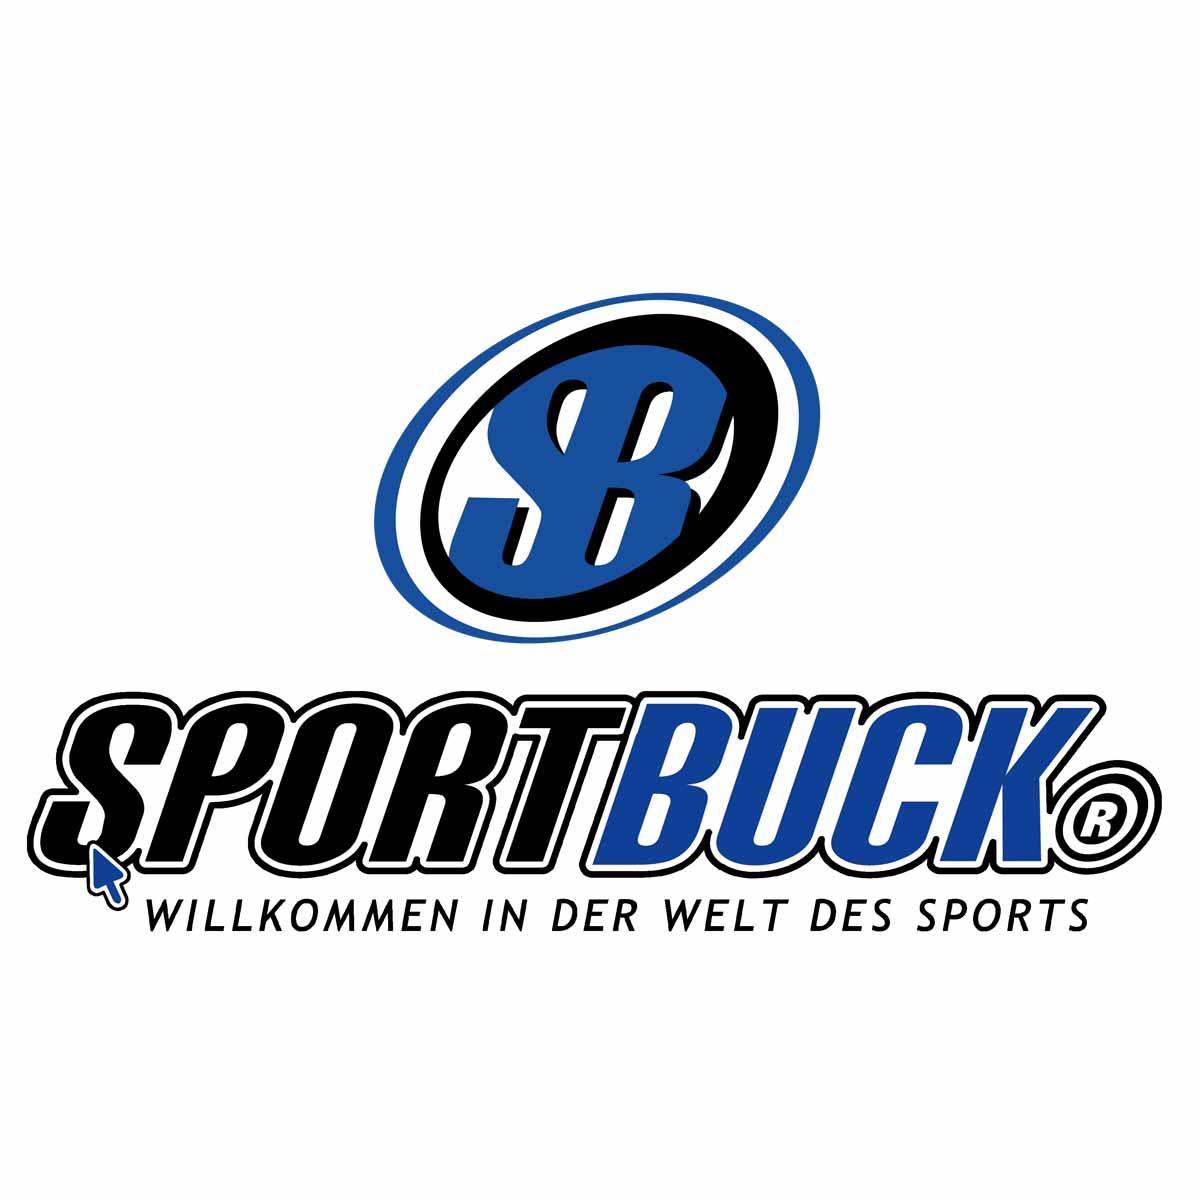 SpeedBrush Rosshaar Rotorbürste  zum Ausbürsten von Gleitwachsen